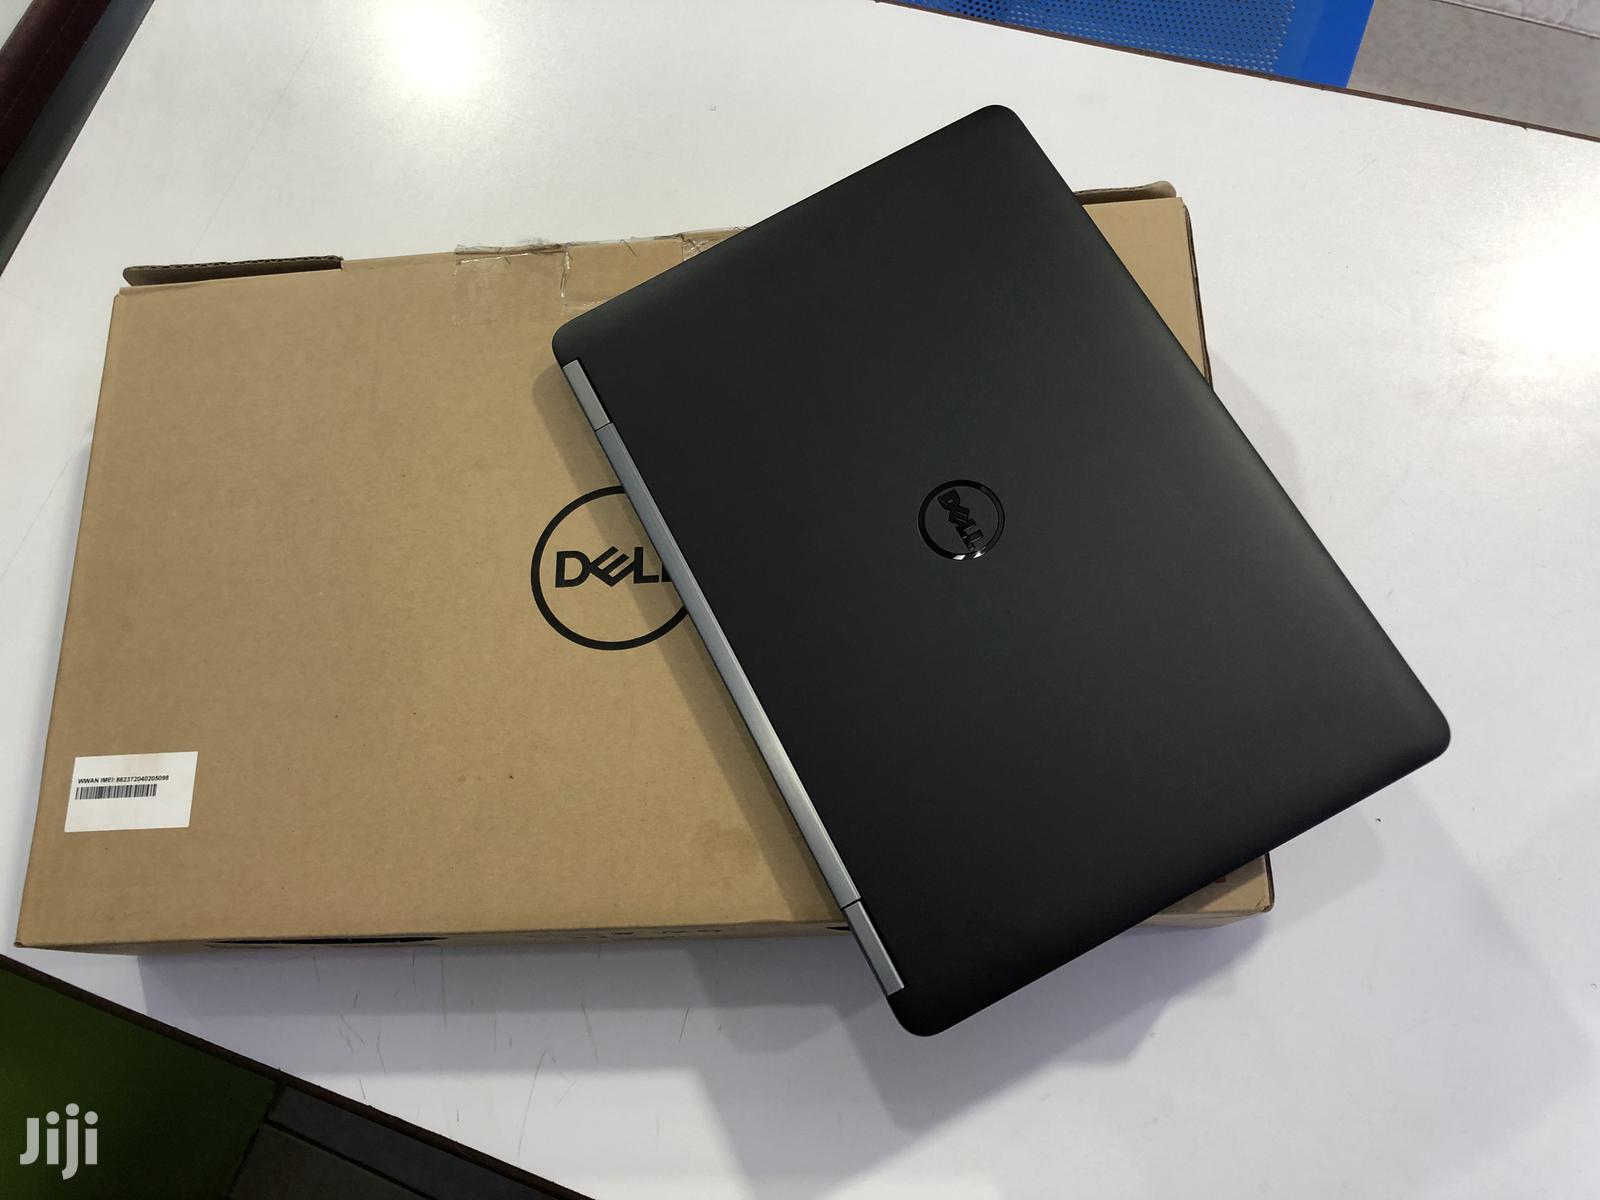 Laptop Dell Latitude 12 E7270 8GB Intel Core I7 SSD 256GB | Laptops & Computers for sale in Kampala, Central Region, Uganda